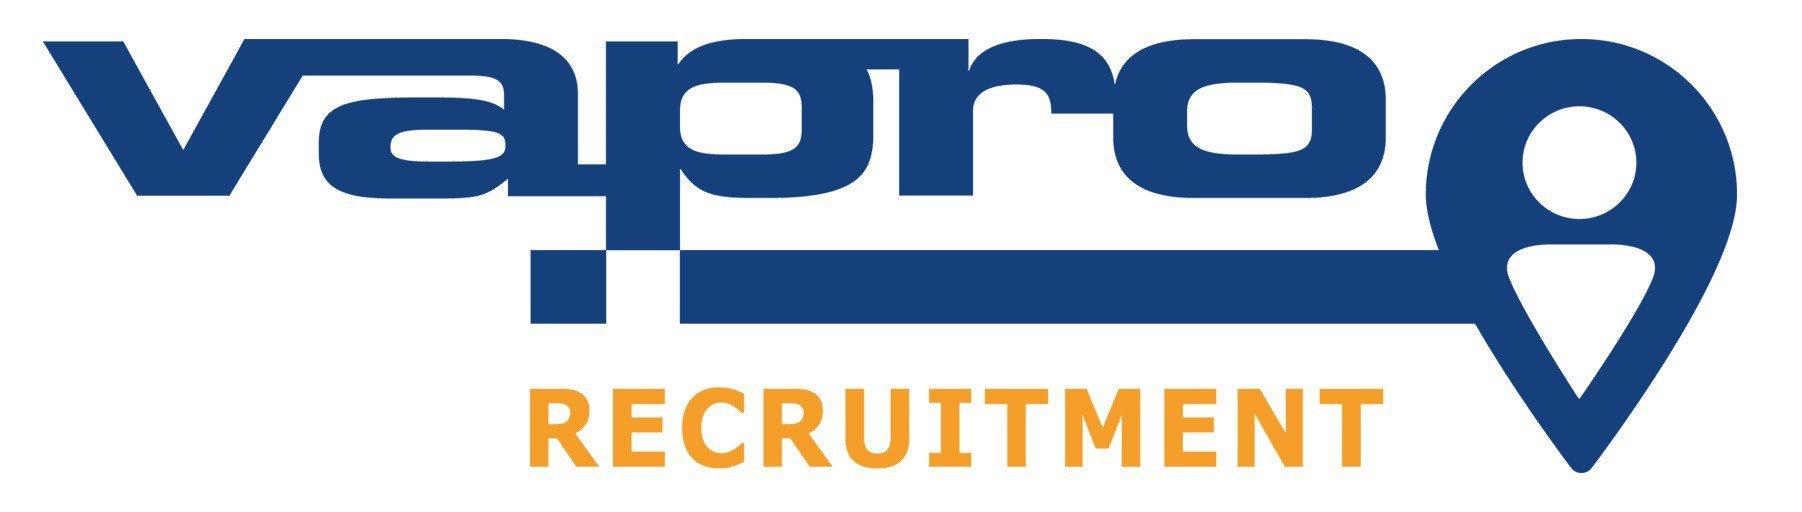 VAPRO Recruitment: Operator 5 ploegendienst